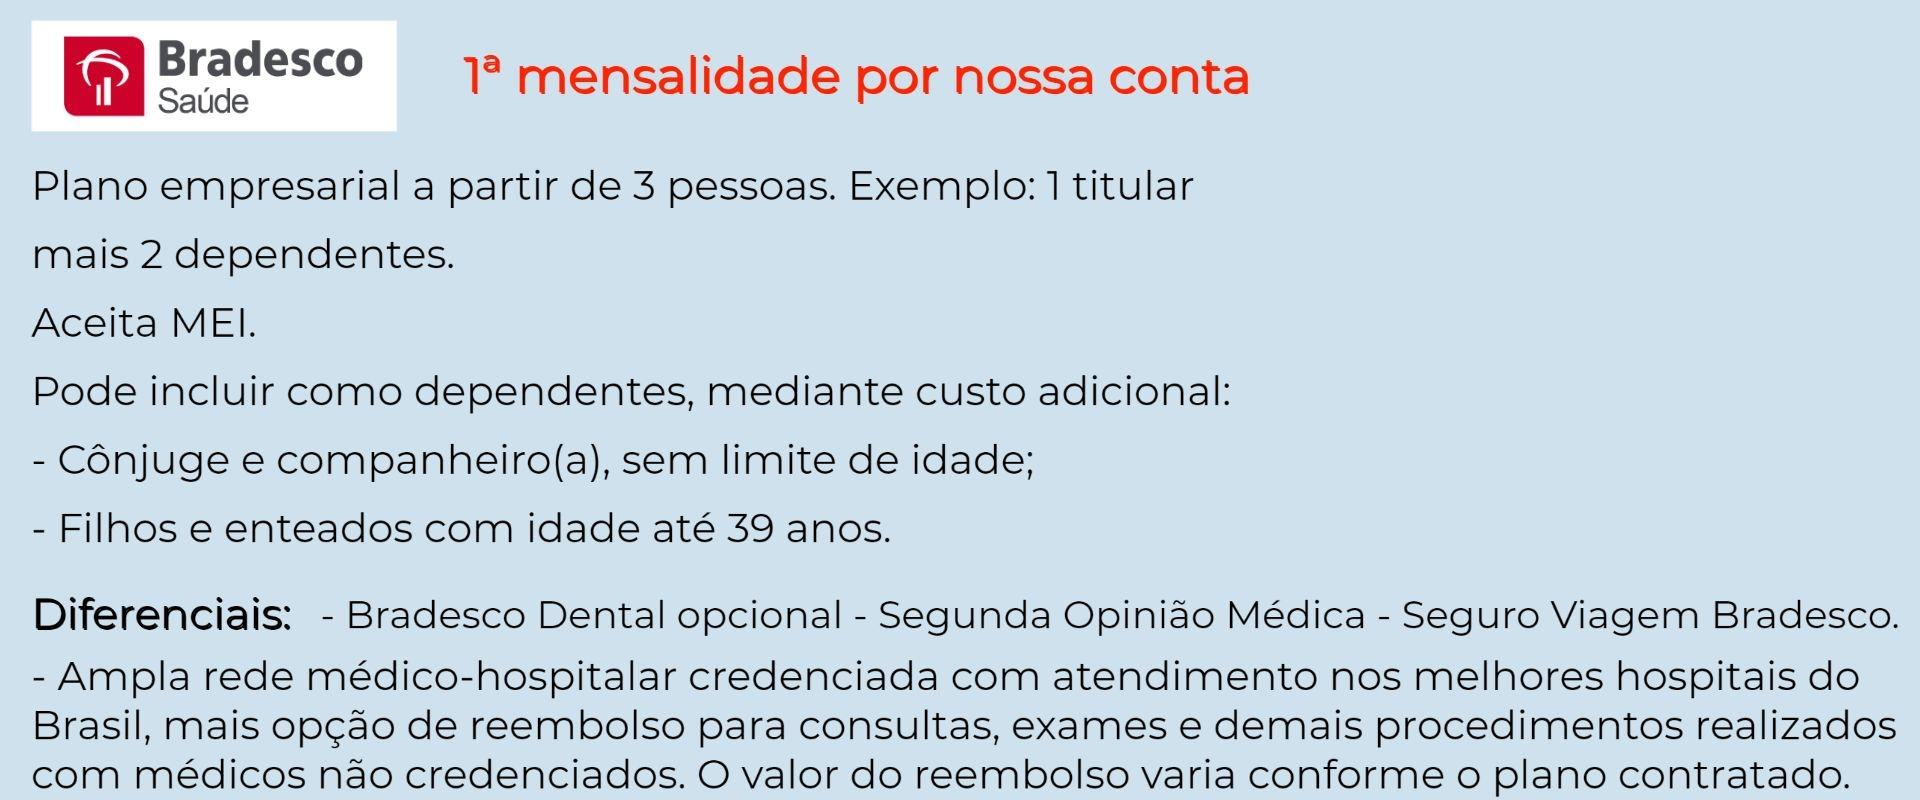 Bradesco Saúde Empresarial – Catu